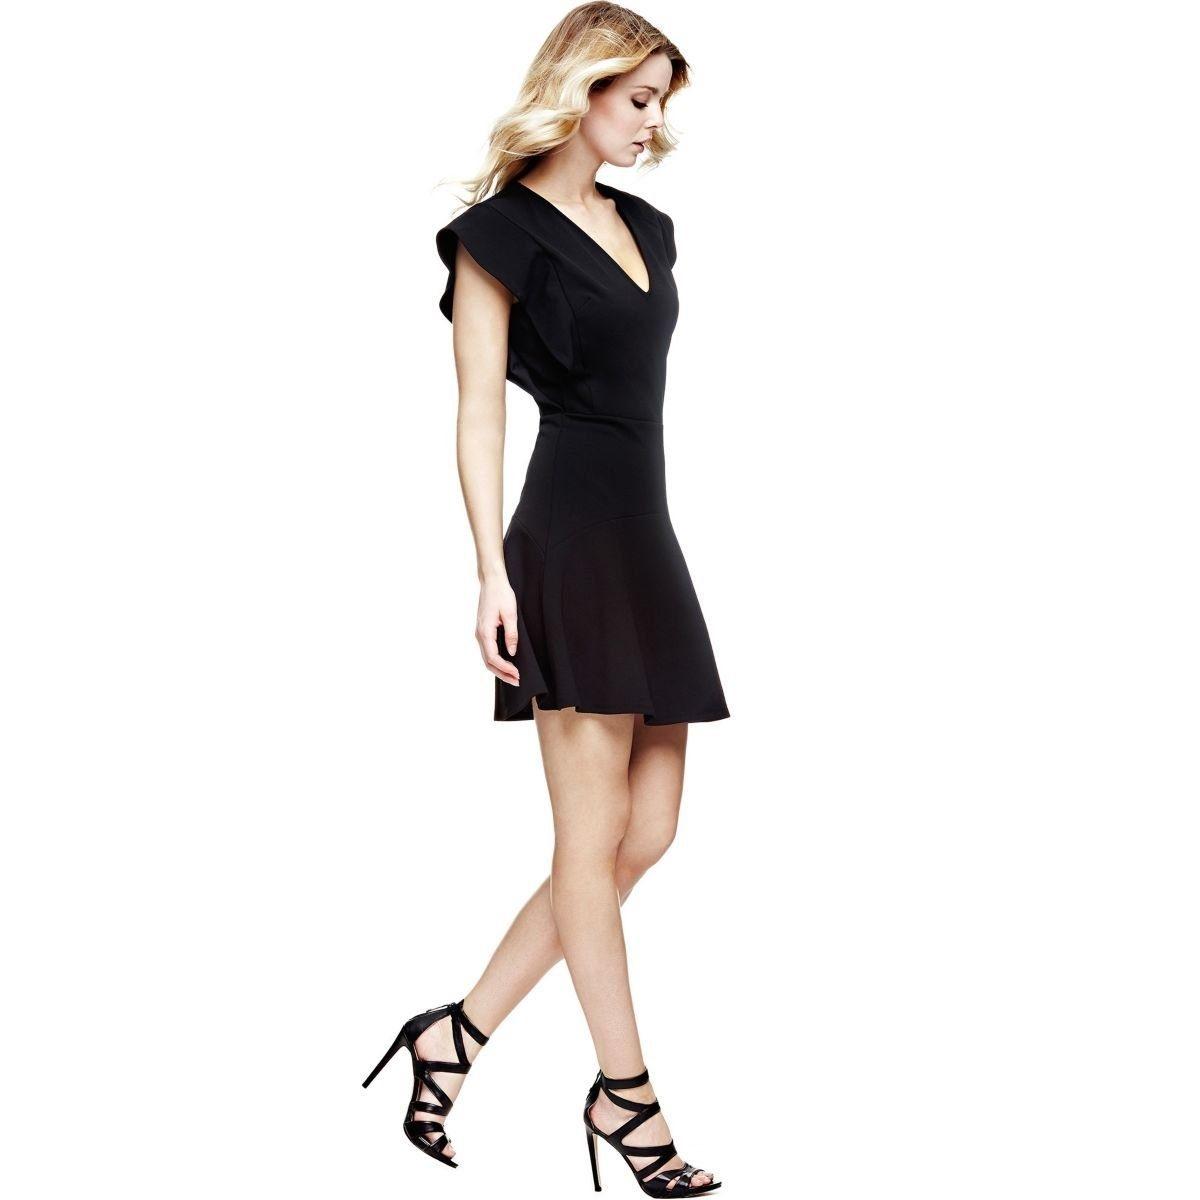 10 Einfach Damen Kleider Online Shop BoutiqueFormal Spektakulär Damen Kleider Online Shop Design